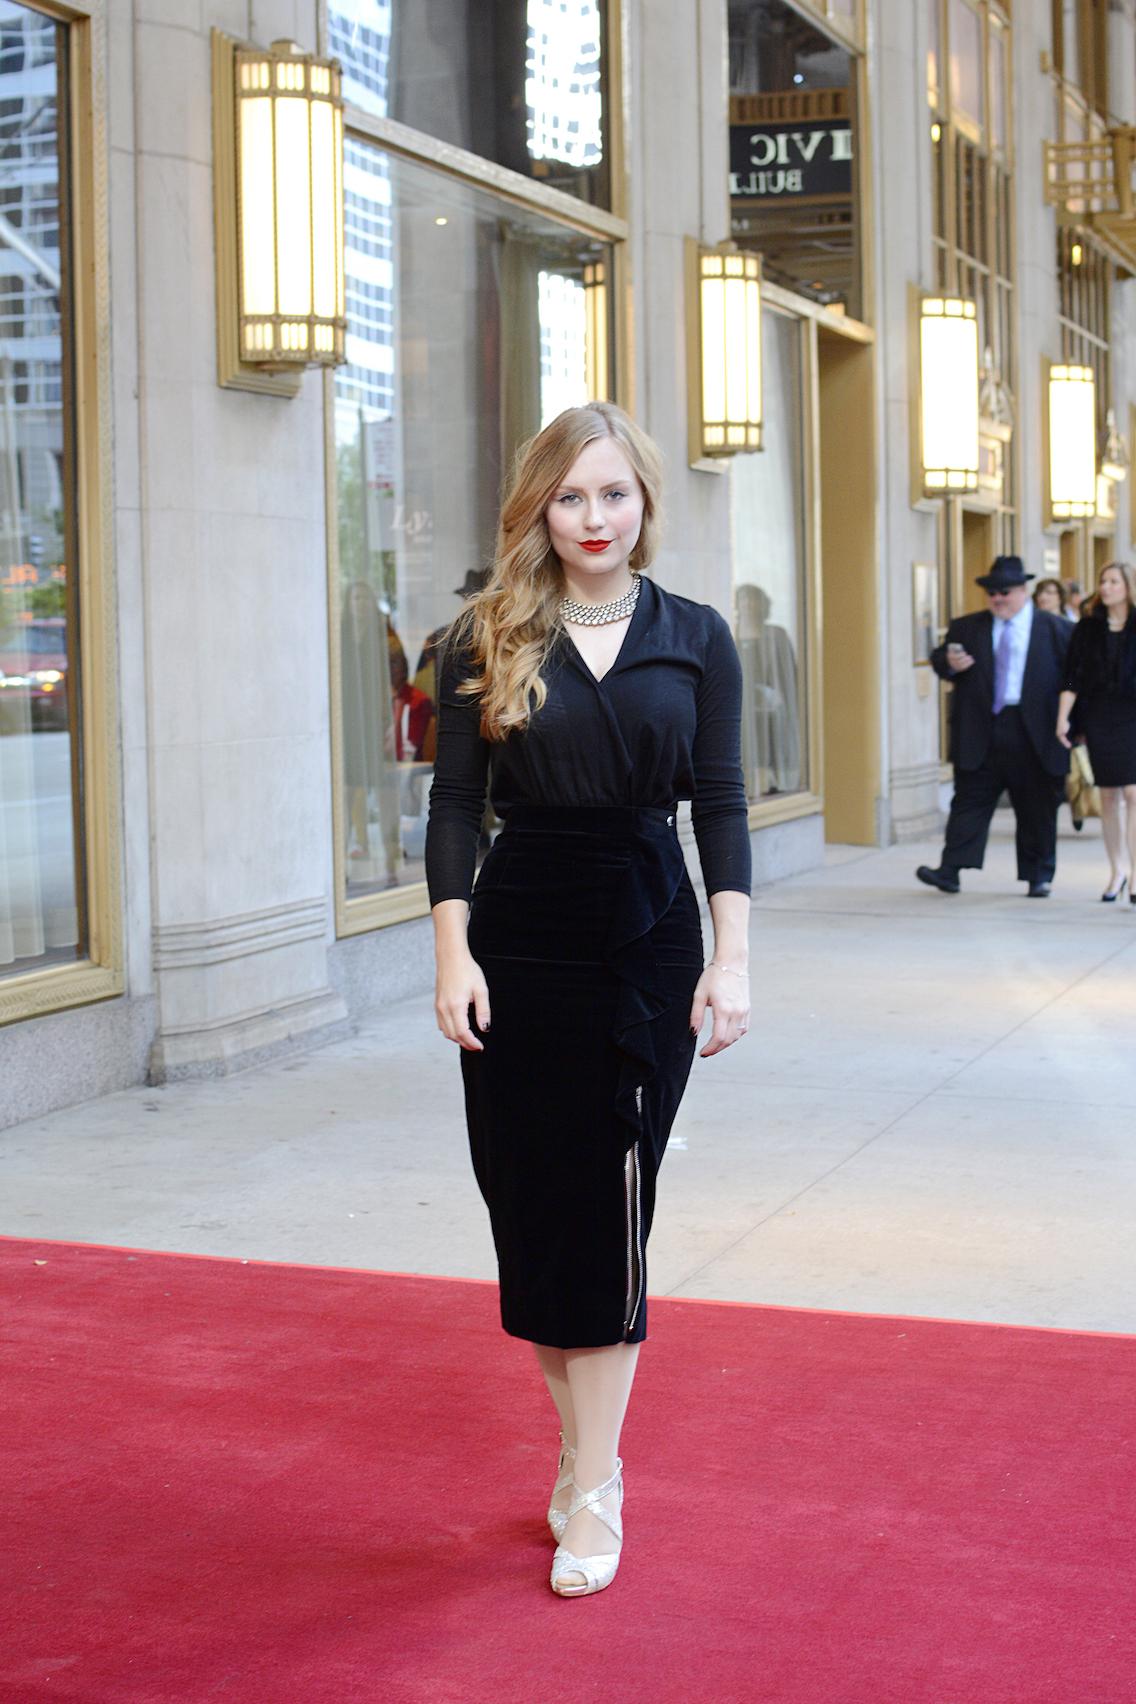 Givenchy Zara LK Bennett Tiffany 3